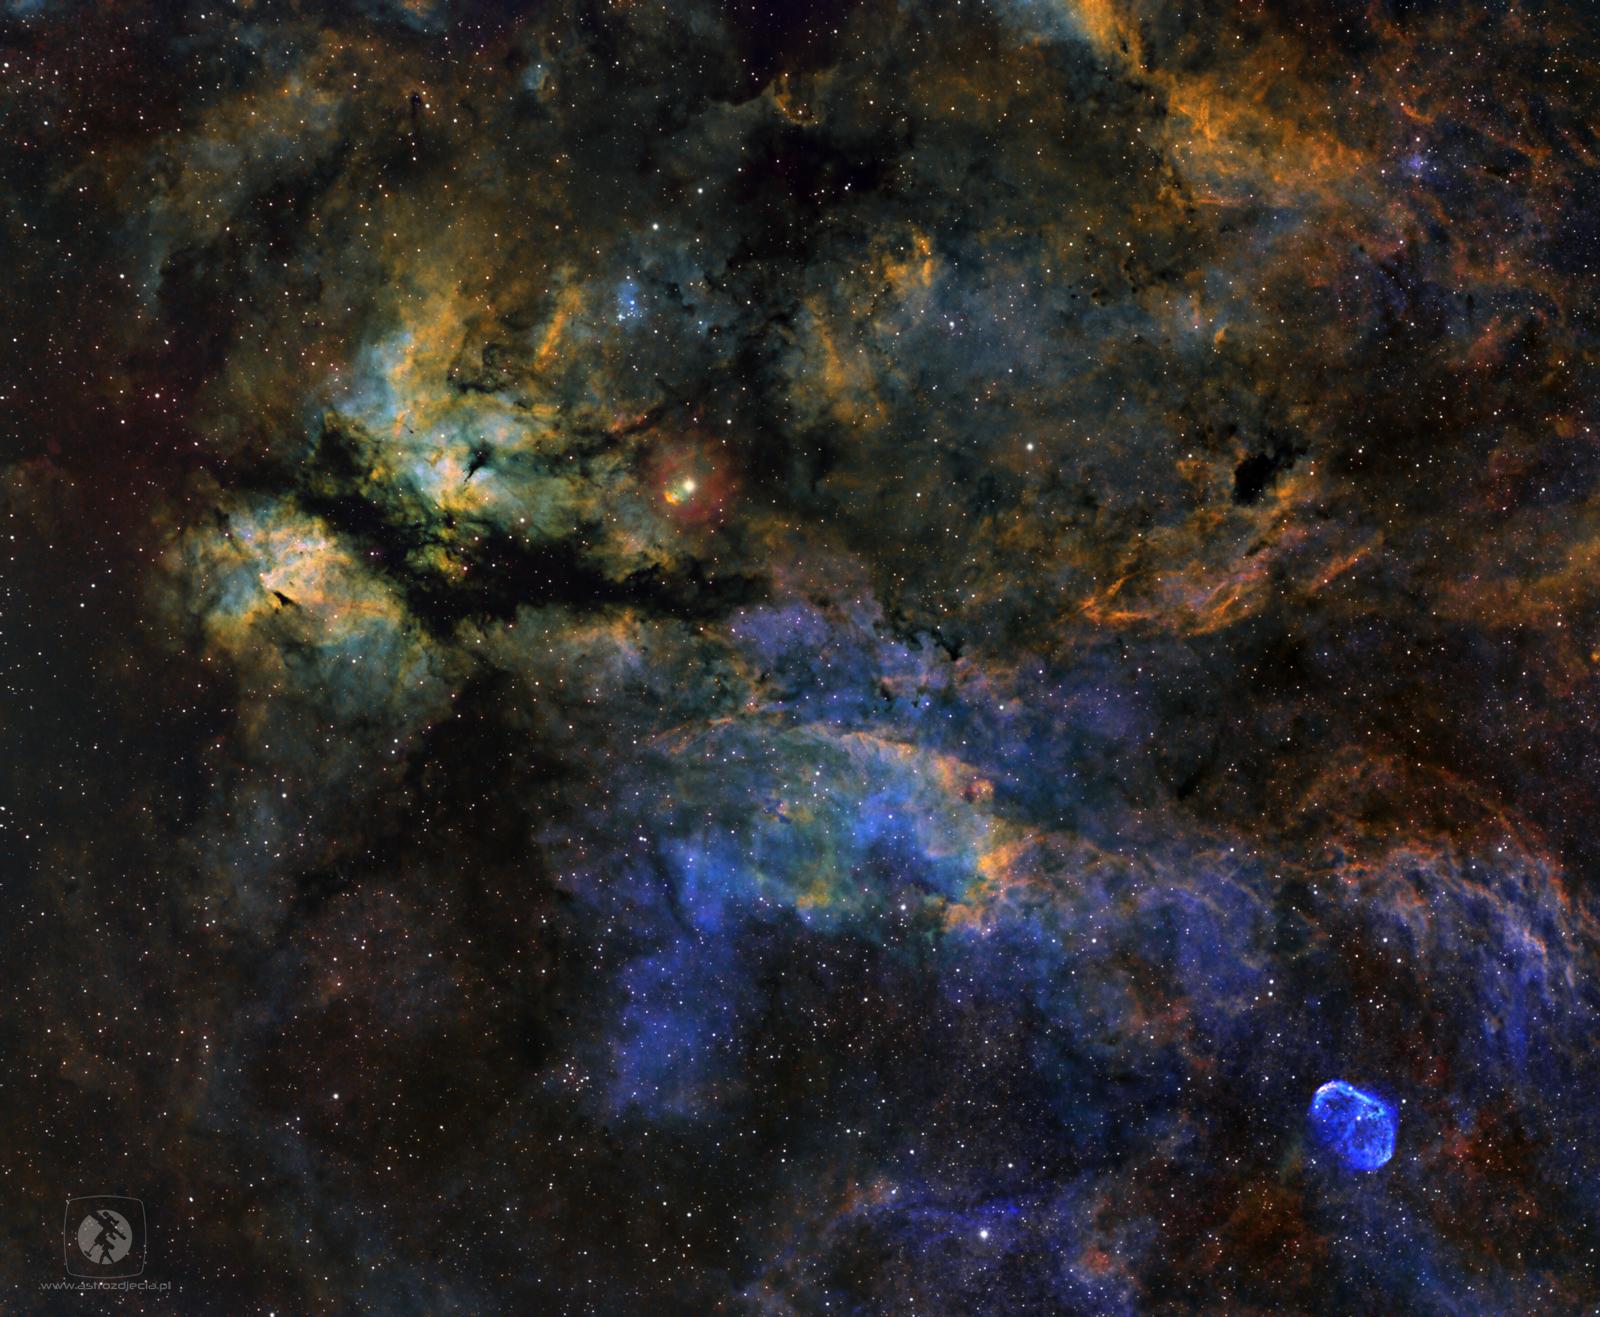 IC1318-final3.jpg.aff8643aabdf7c7a20d5ff63251ac5c1.jpg